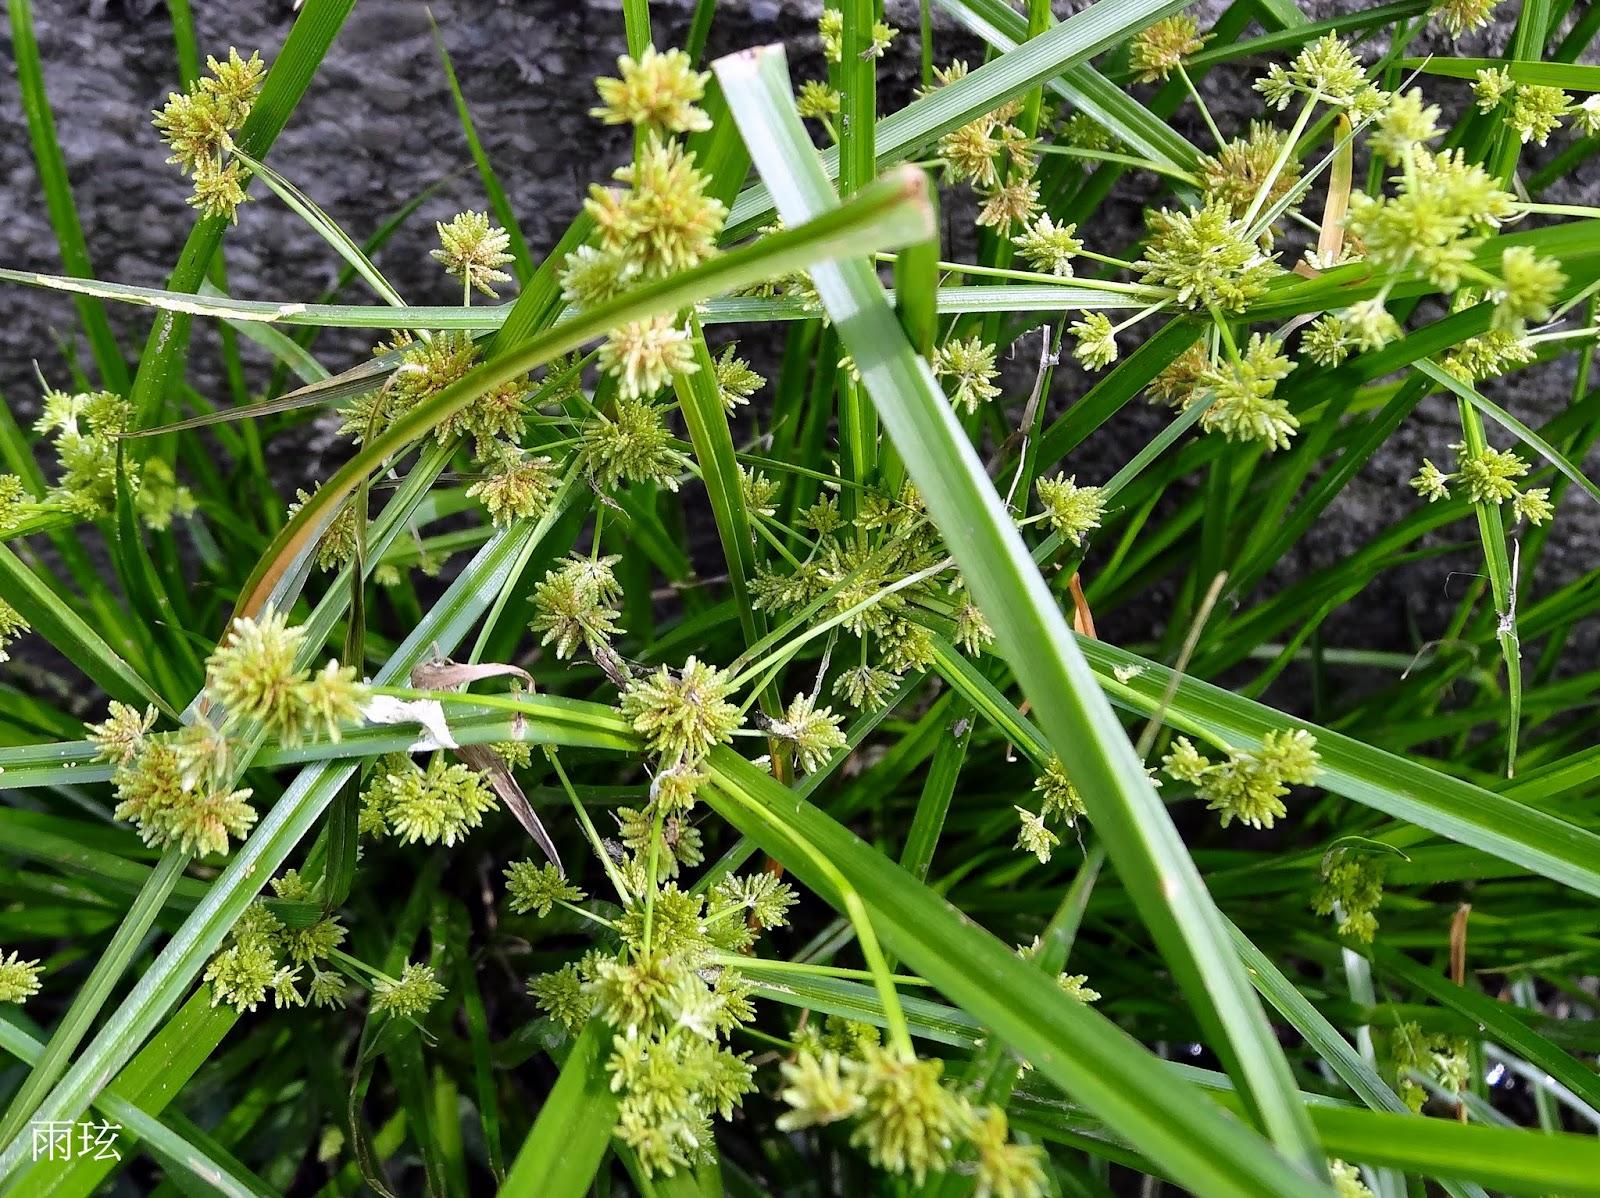 雖然異花莎草是造成灌溉溝渠 排水不良的雜草。但野草亦是花. 以觀看植物角度